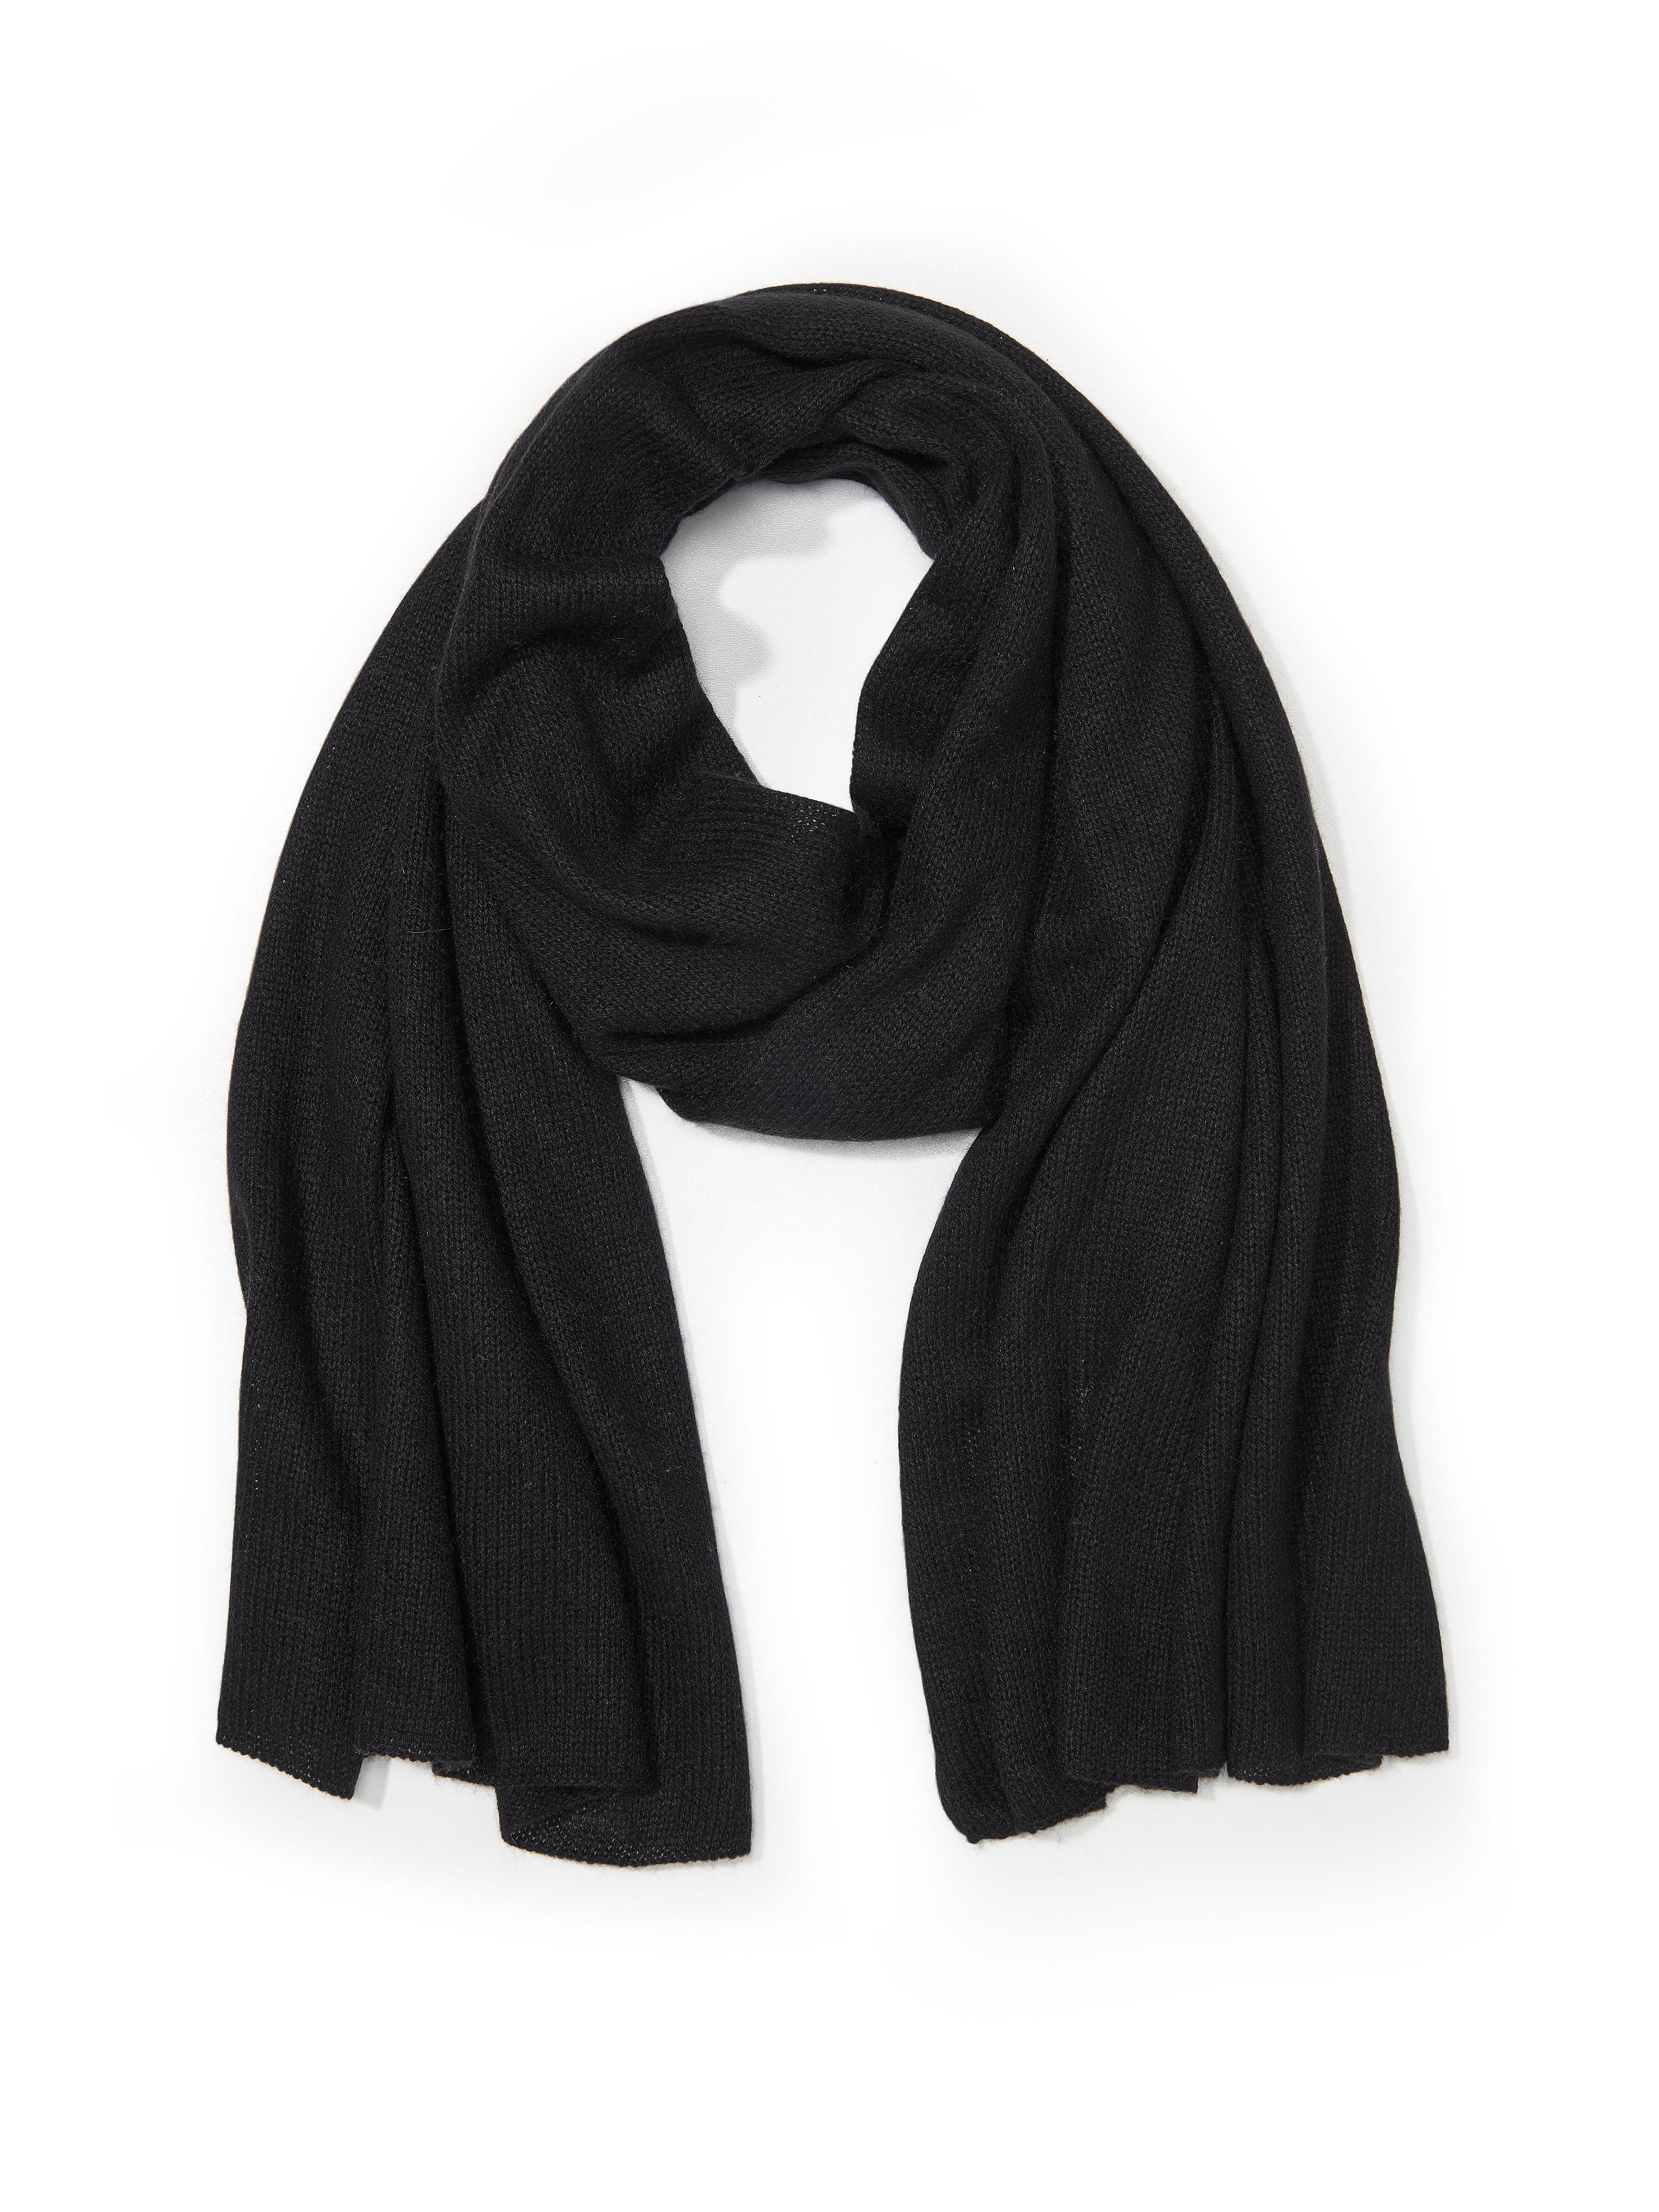 Schal aus Seide Kaschmir Peter Hahn schwarz: Schal aus Seide Kaschmir Peter Hahn schwarz für Damen und Herren in schwarz